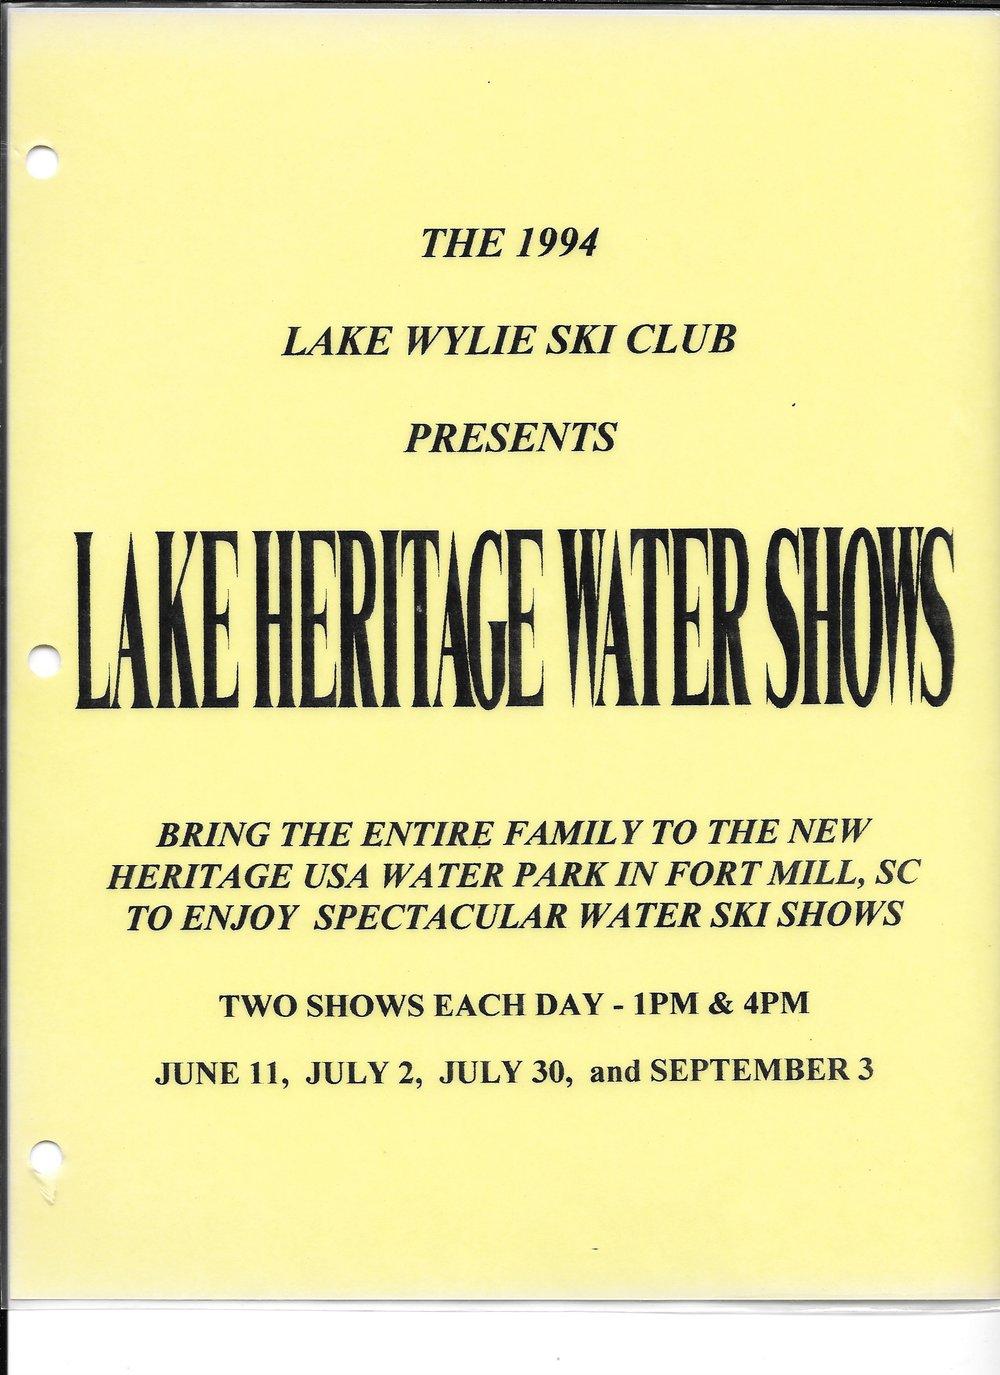 1994 Water Show Flyer.jpg